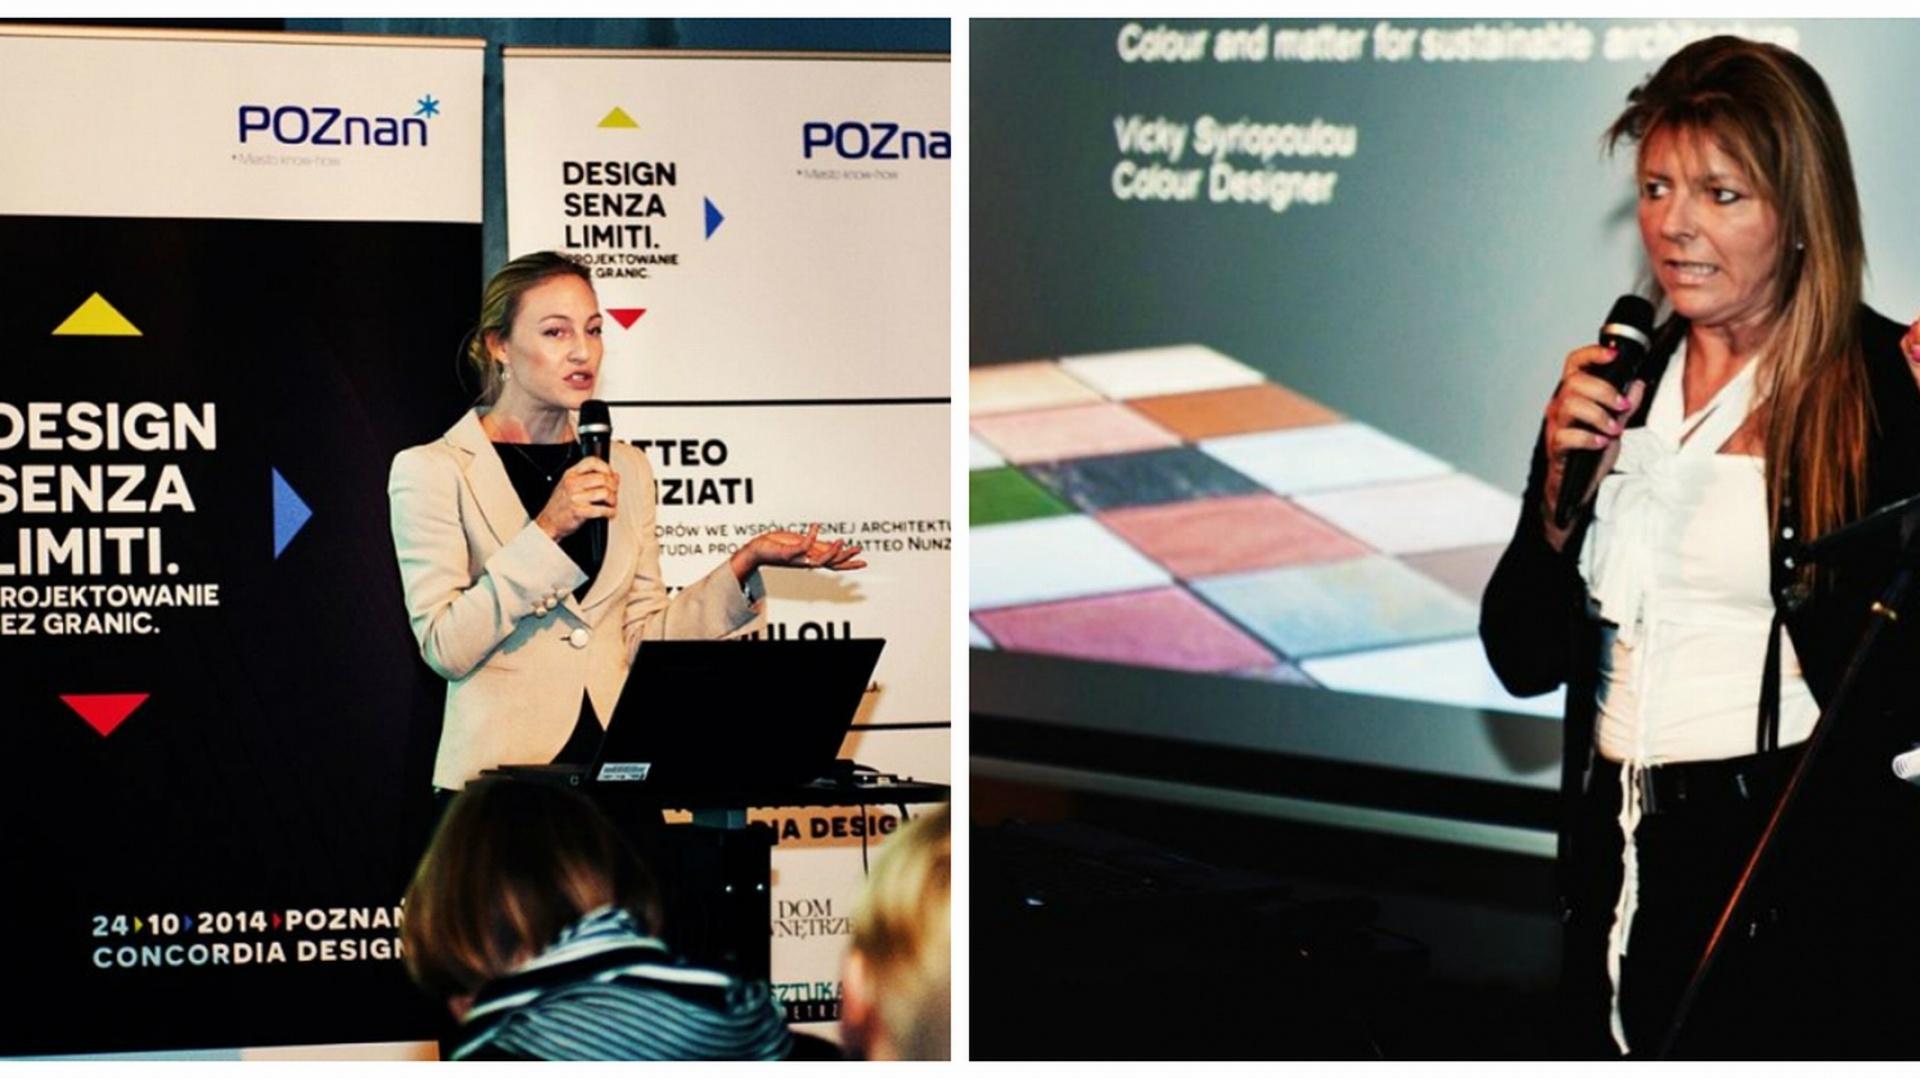 Dinah Nunziati (po lewej) poprowadziła  wykład, którego głównym tematem były  kolory oraz rola oświetlenia w nowoczesnych wnętrzach. Drugi wykład (po  prawej) poprowadziła Vicky Syriopoulou,  projektantka kolorów i faktur firmy OIKOS.  Fot. VOX